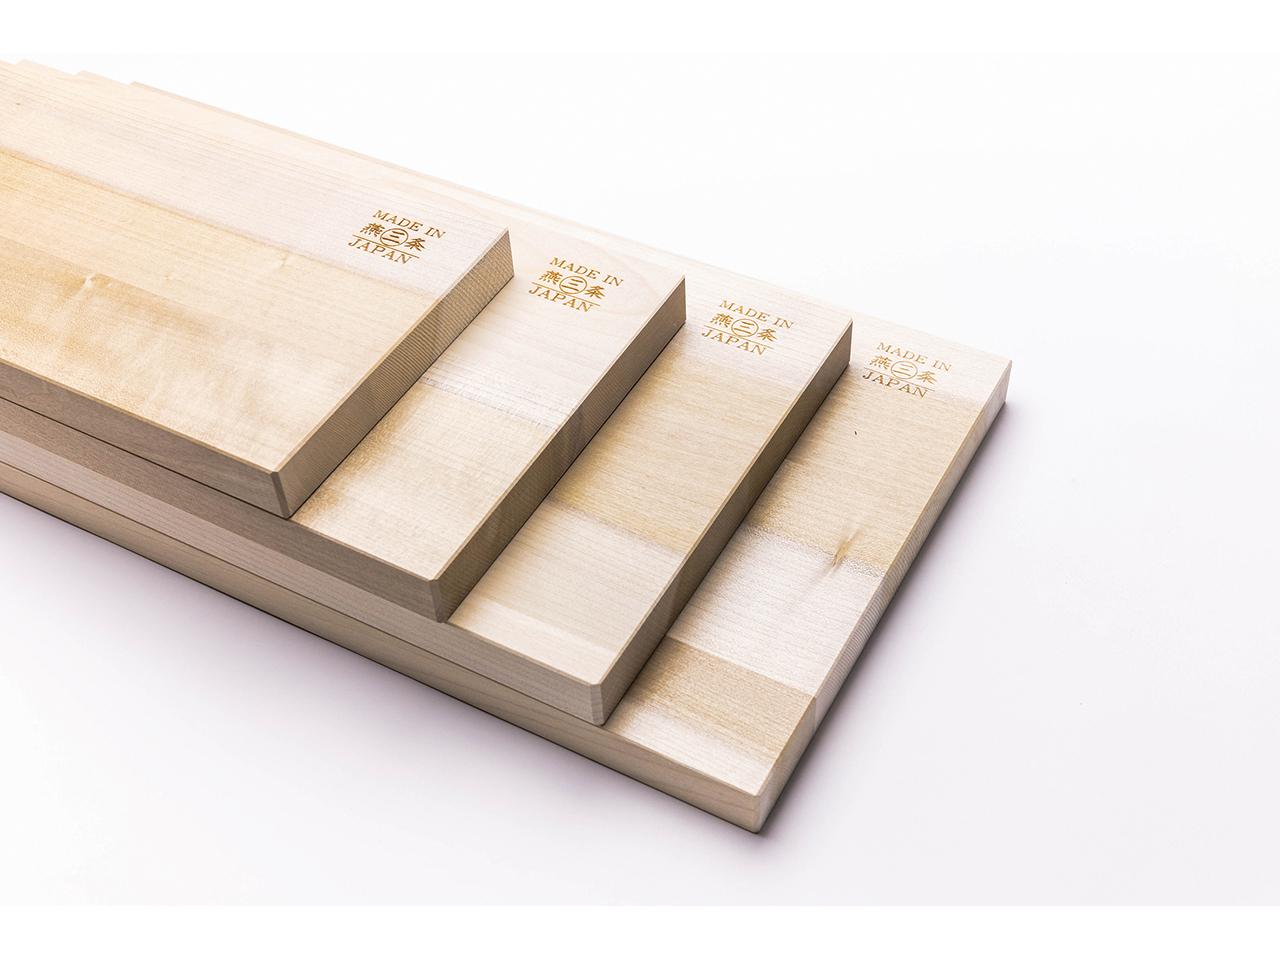 木製まな板 「ほおの木まな板 長さ30×幅15cm(厚み2.4cm)」 ポストIN発送対応商品